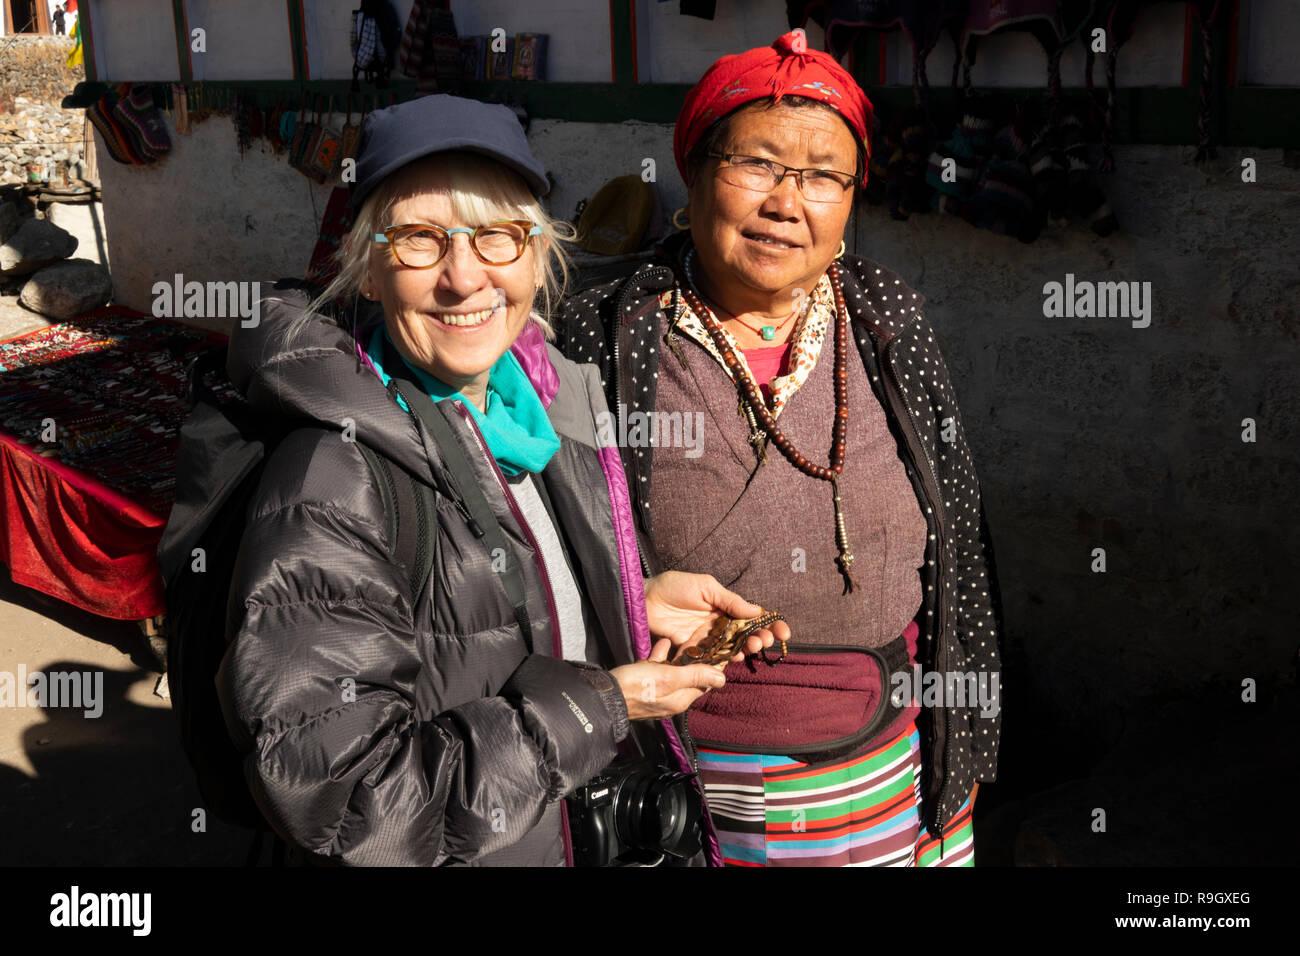 Np950, Nepal, el campamento base del Everest Trek, aldea de Khumjung, caminante con mujer local en la pequeña cala de recuerdo para turistas en camino a la aldea gompa Imagen De Stock